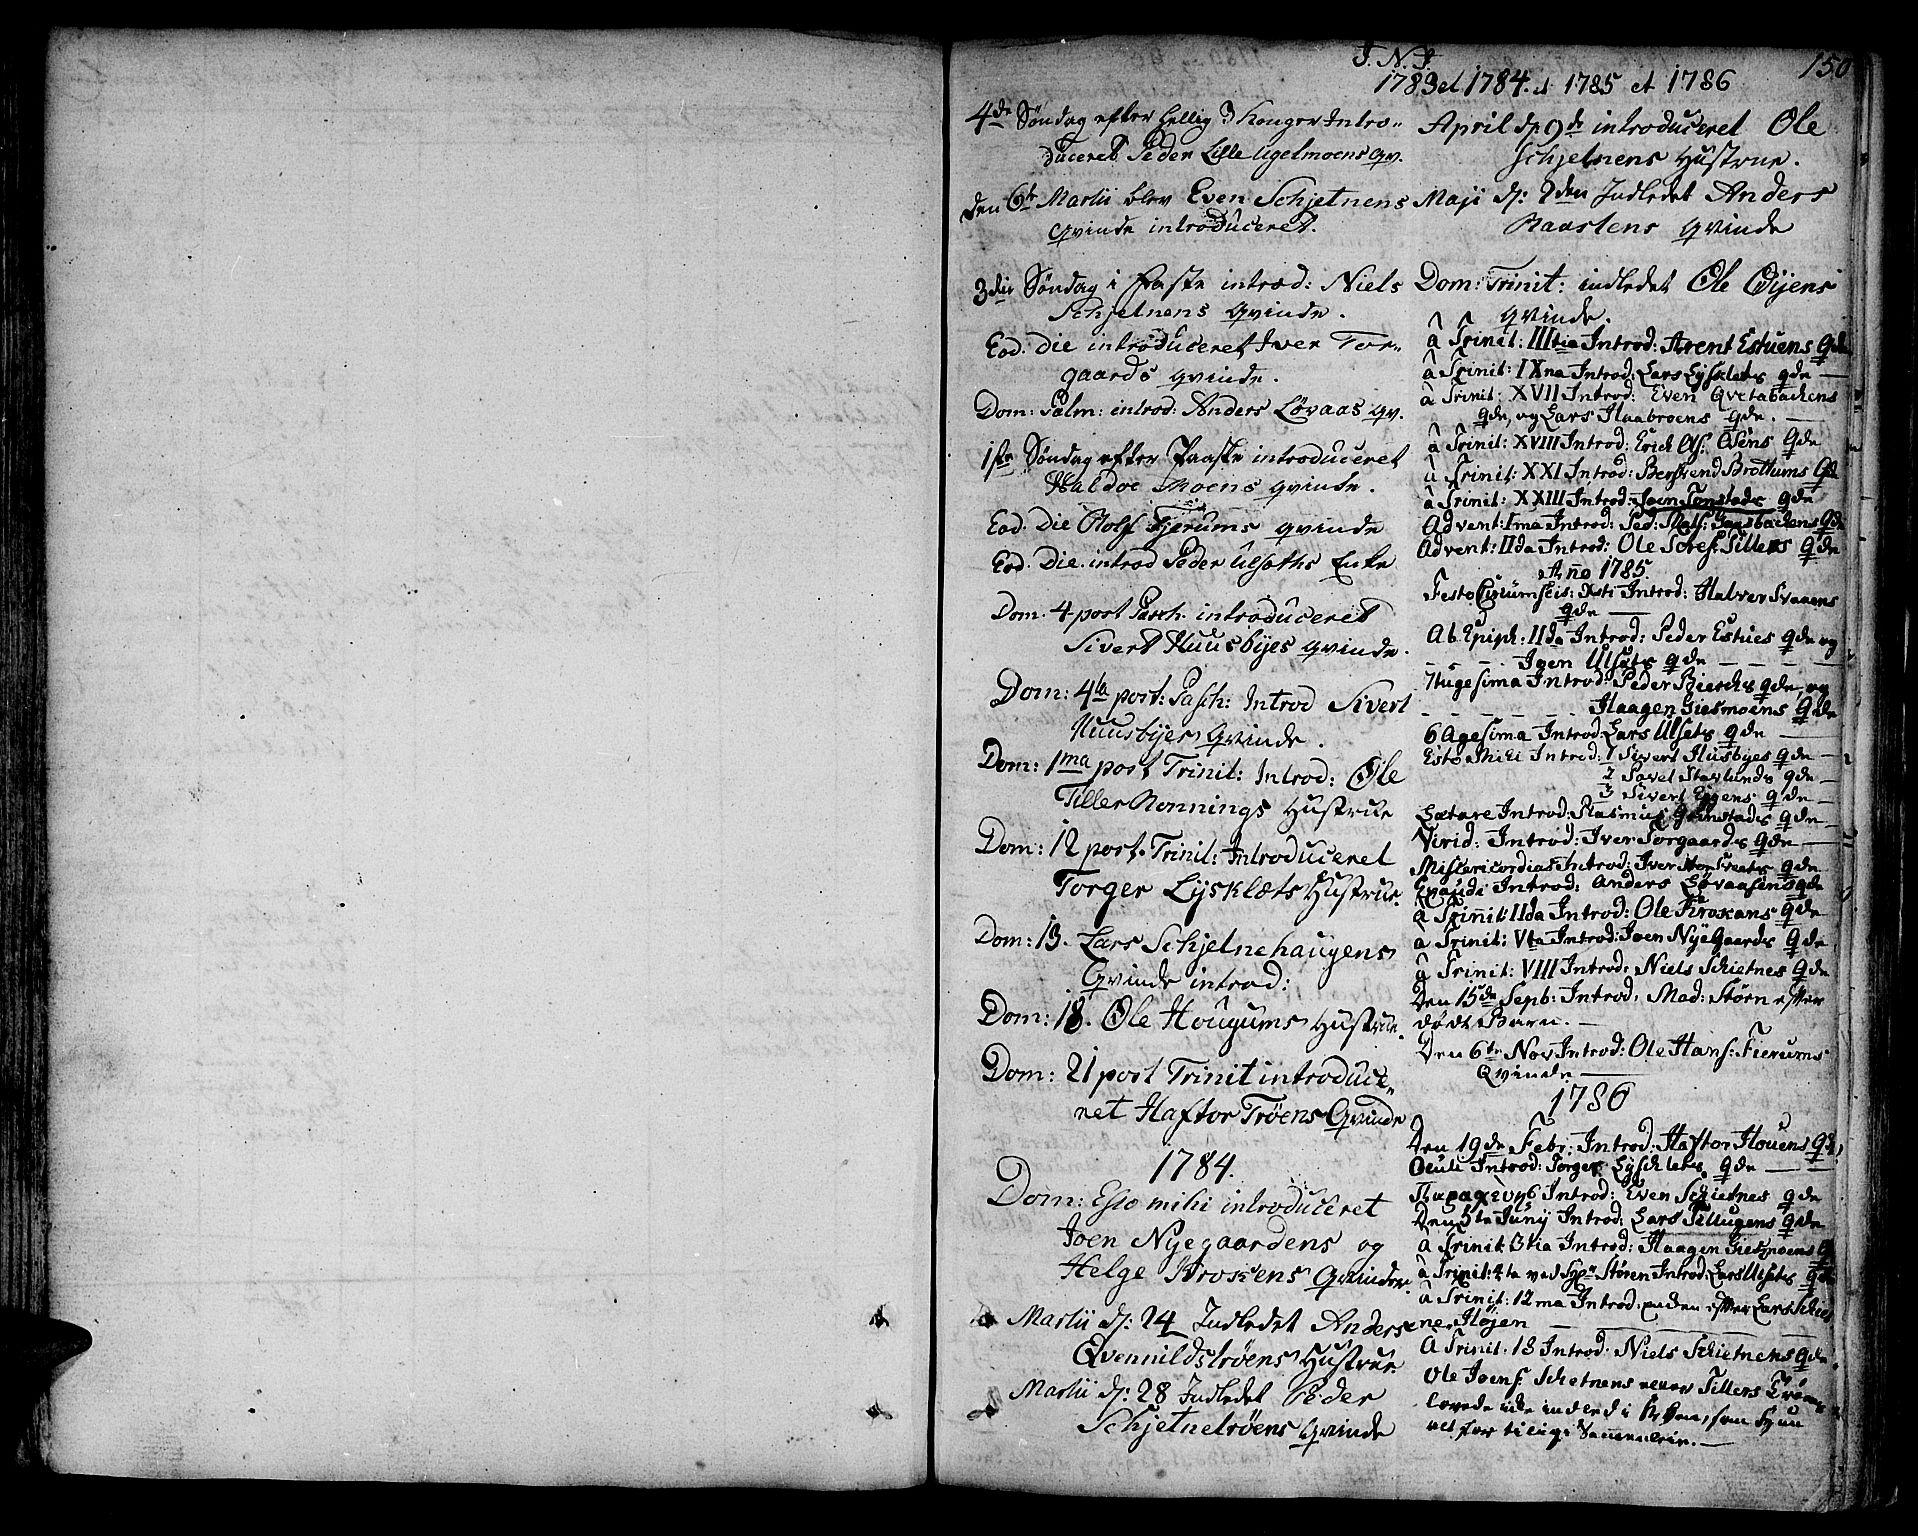 SAT, Ministerialprotokoller, klokkerbøker og fødselsregistre - Sør-Trøndelag, 618/L0438: Ministerialbok nr. 618A03, 1783-1815, s. 150